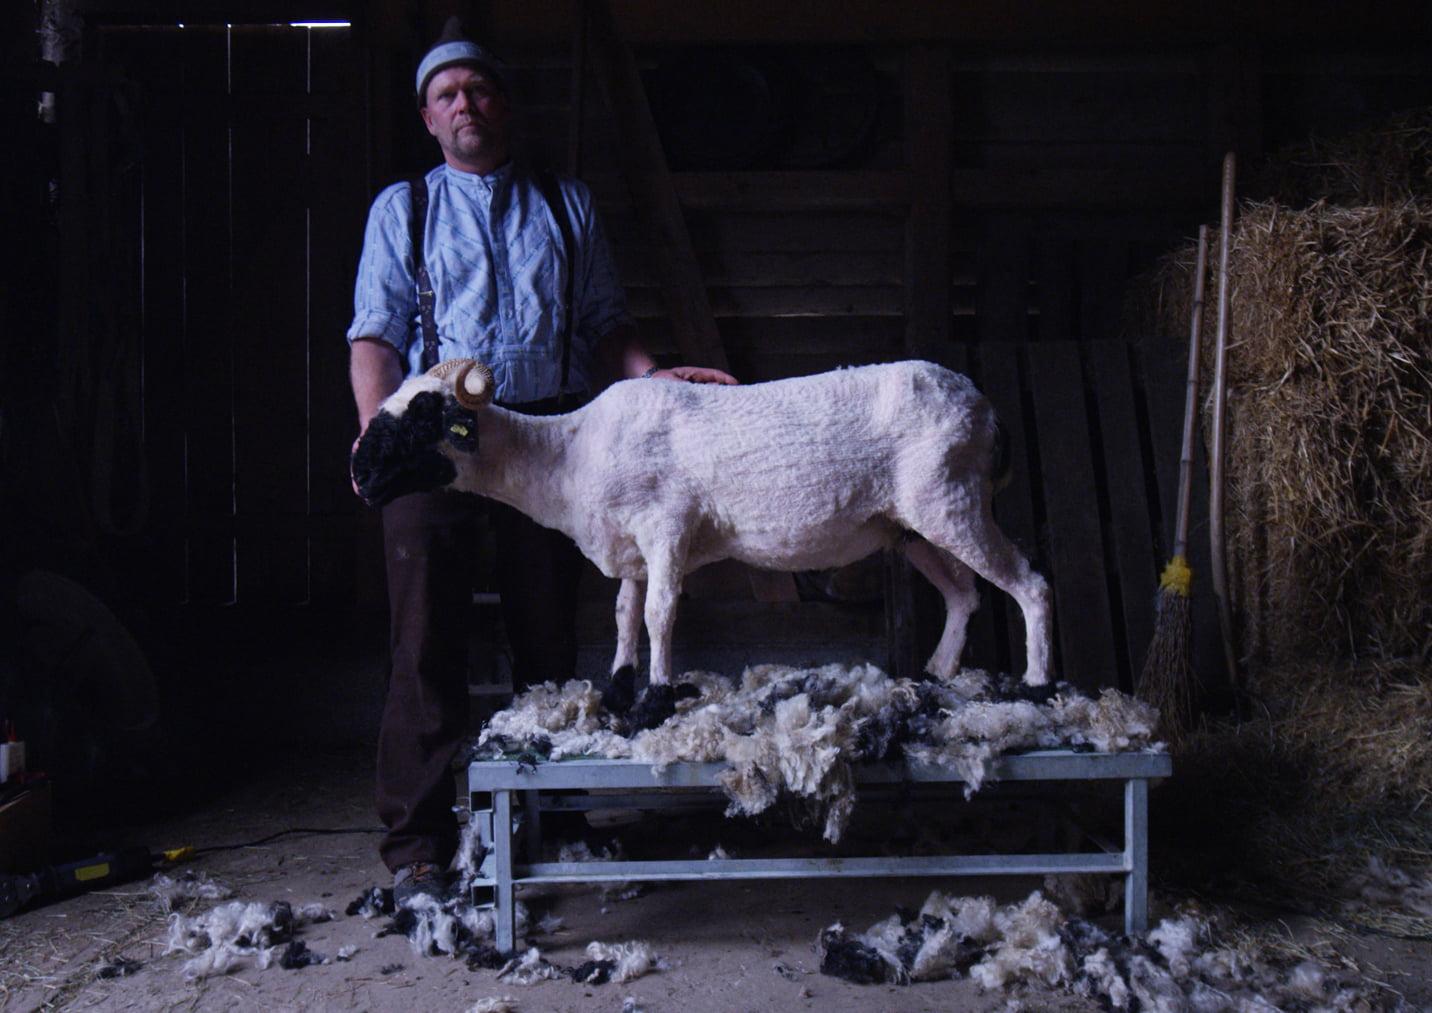 Swisswool Heinz Brog vor fertig geschertem Schaf in Stall